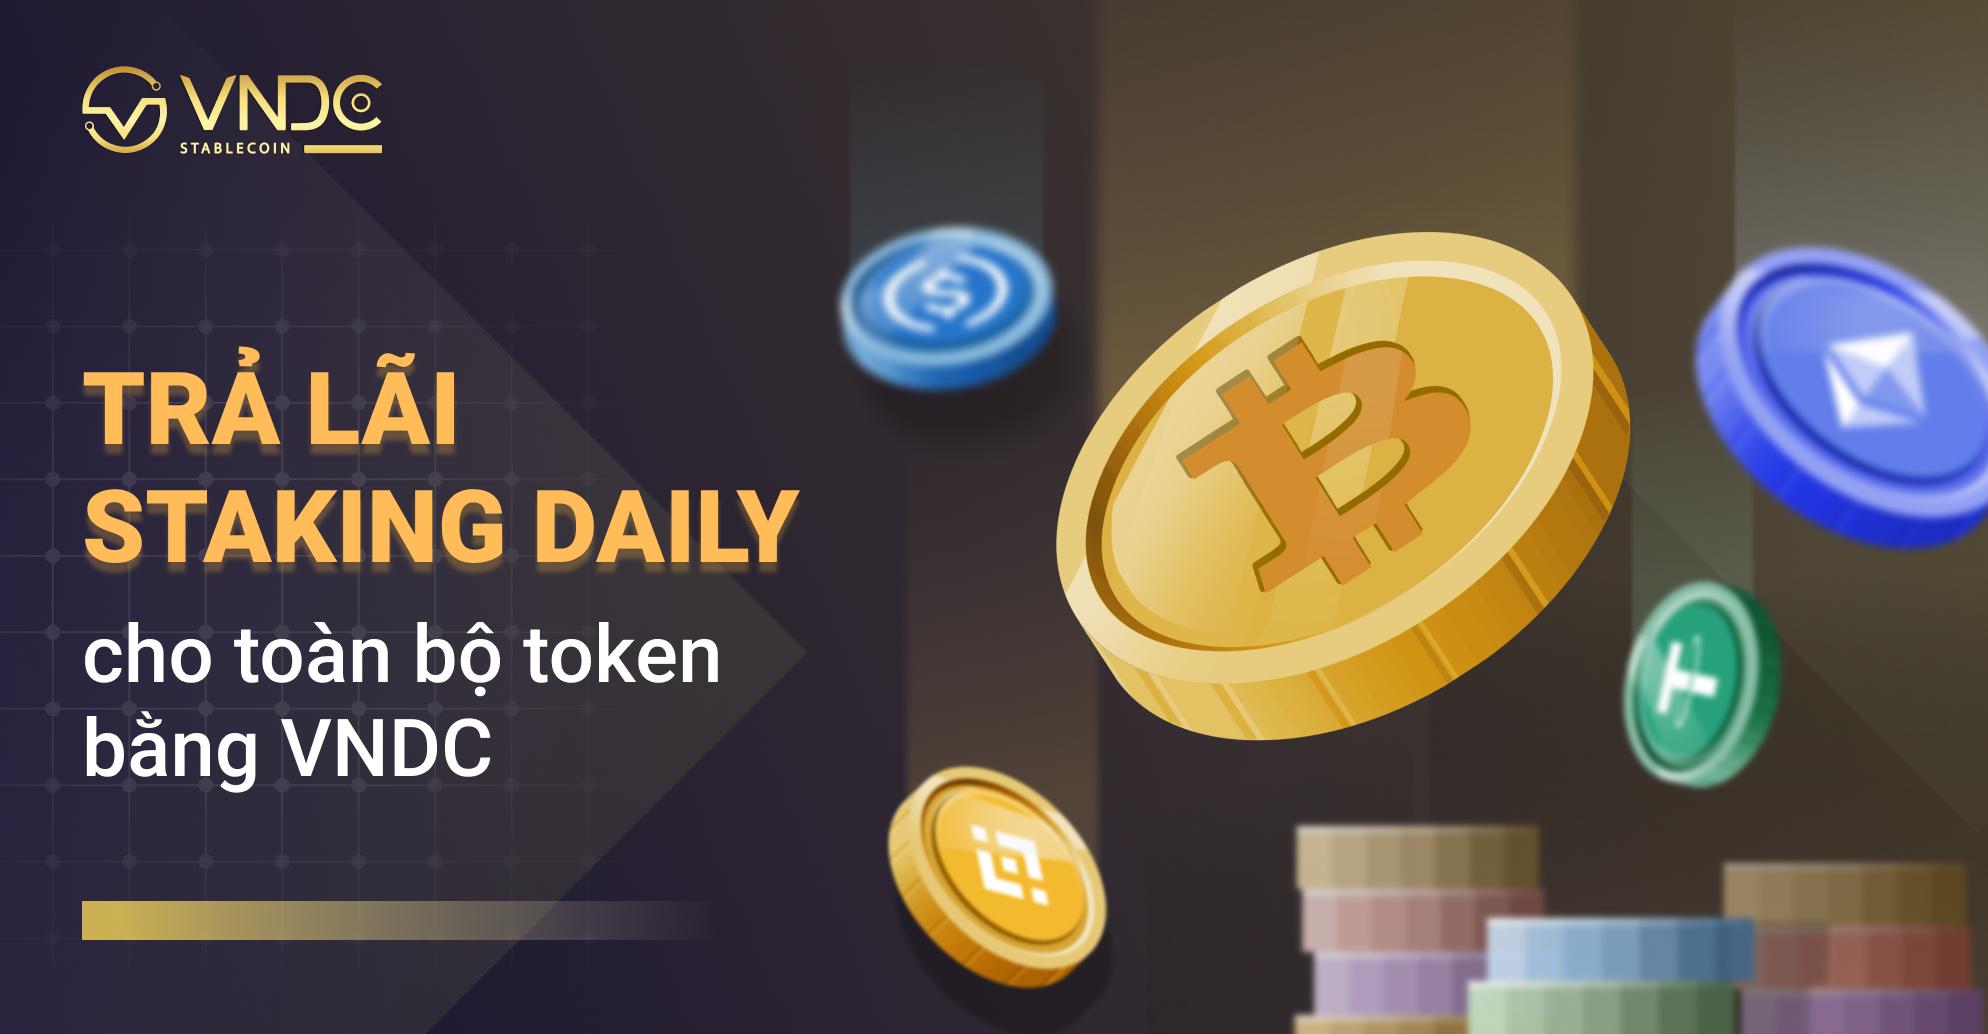 Thông báo: Trả lãi Staking Daily cho toàn bộ token bằng VNDC